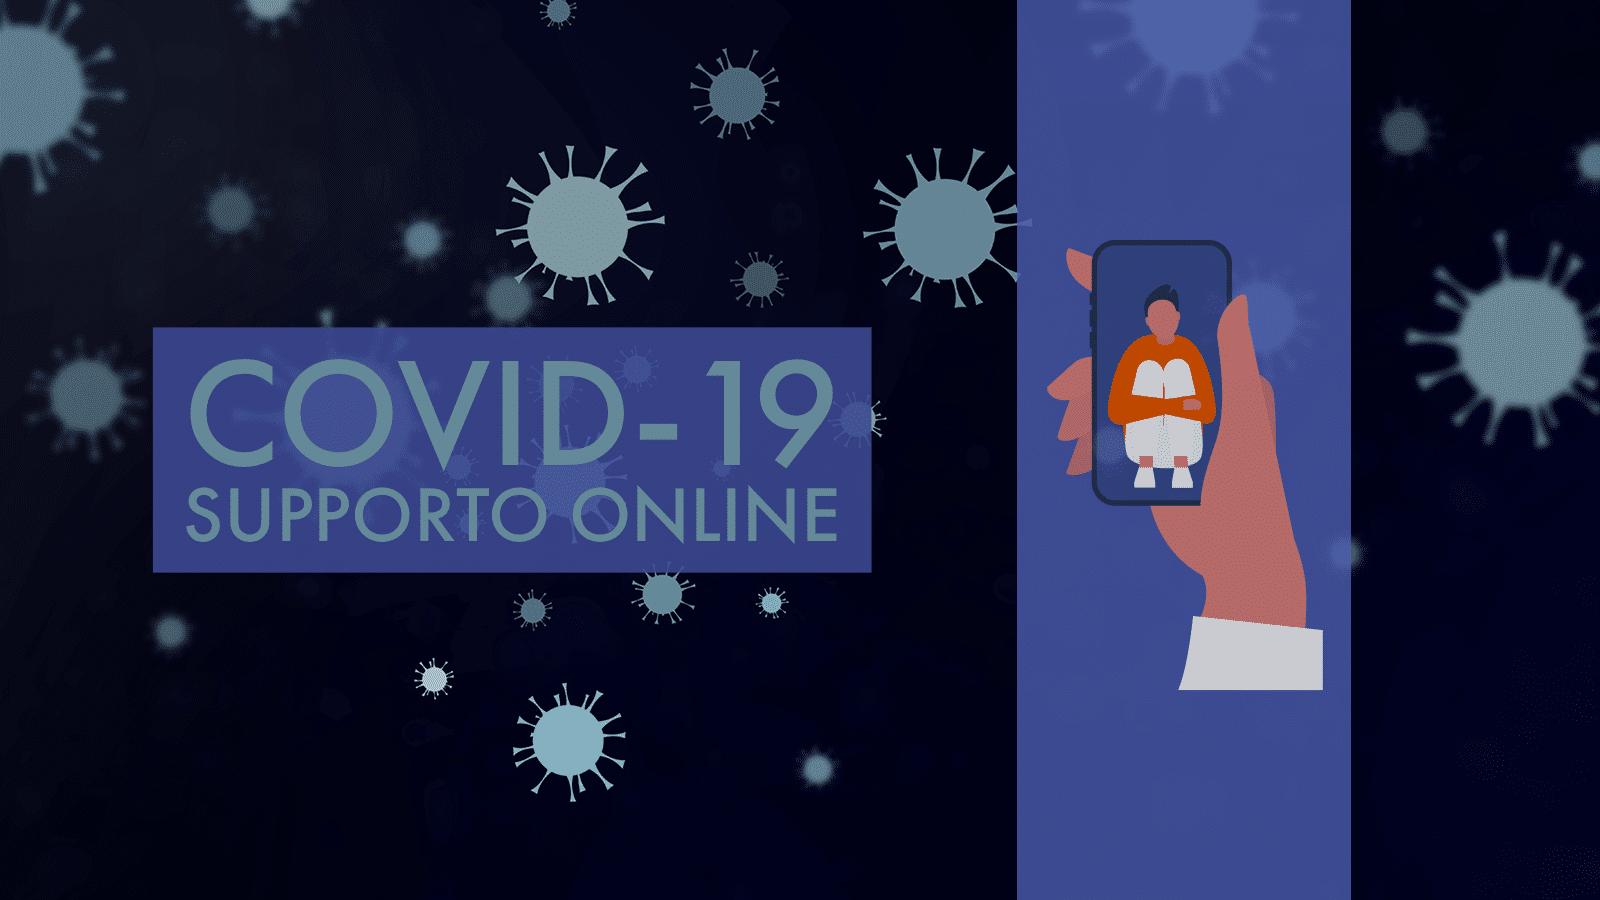 COVID-19 - SUPPORTO ONLINE E RISORSE